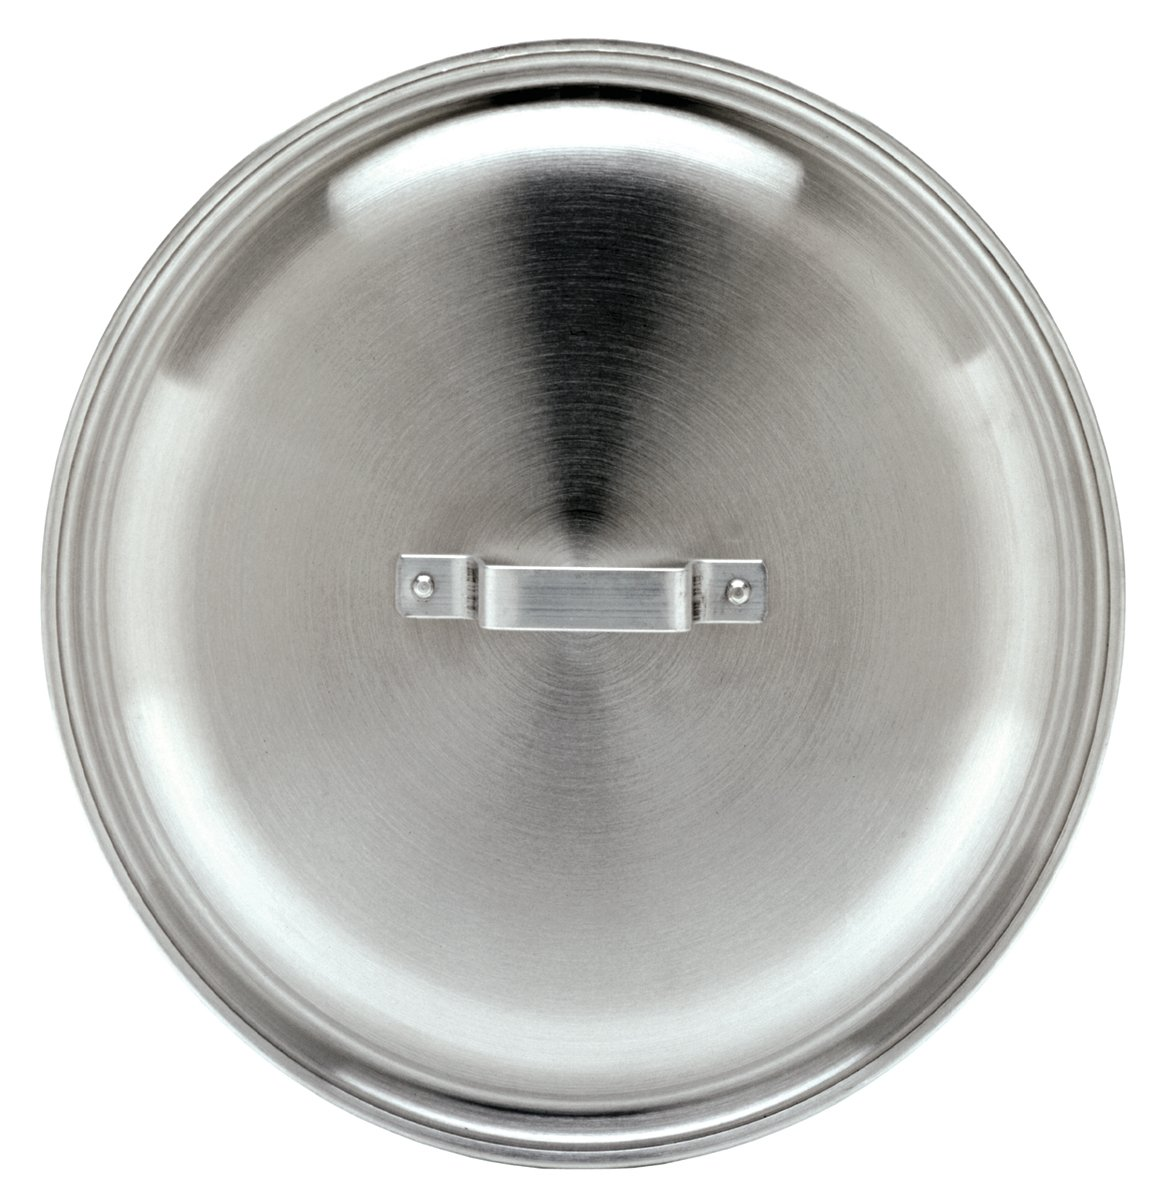 B0015VSN52 Bayou Classic Aluminum Lid for Bayou Classic 7-gallon Jambalaya Pot 71ZsVeD-eOL